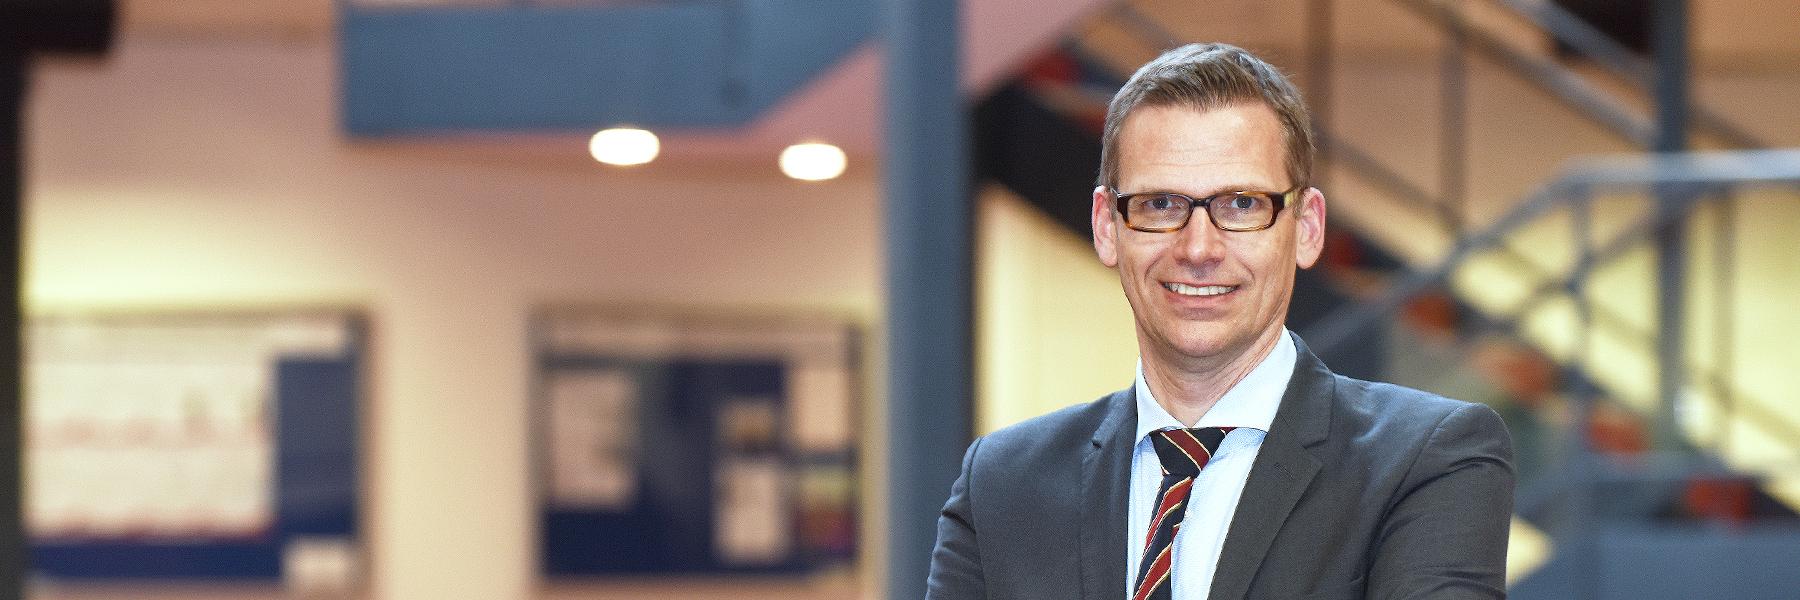 Univ.-Prof. Dr. Stefan Traub, Professur für Volkswirtschaftslehre, insb. Behavioral Economics (Foto: Reinhard Scheiblich)